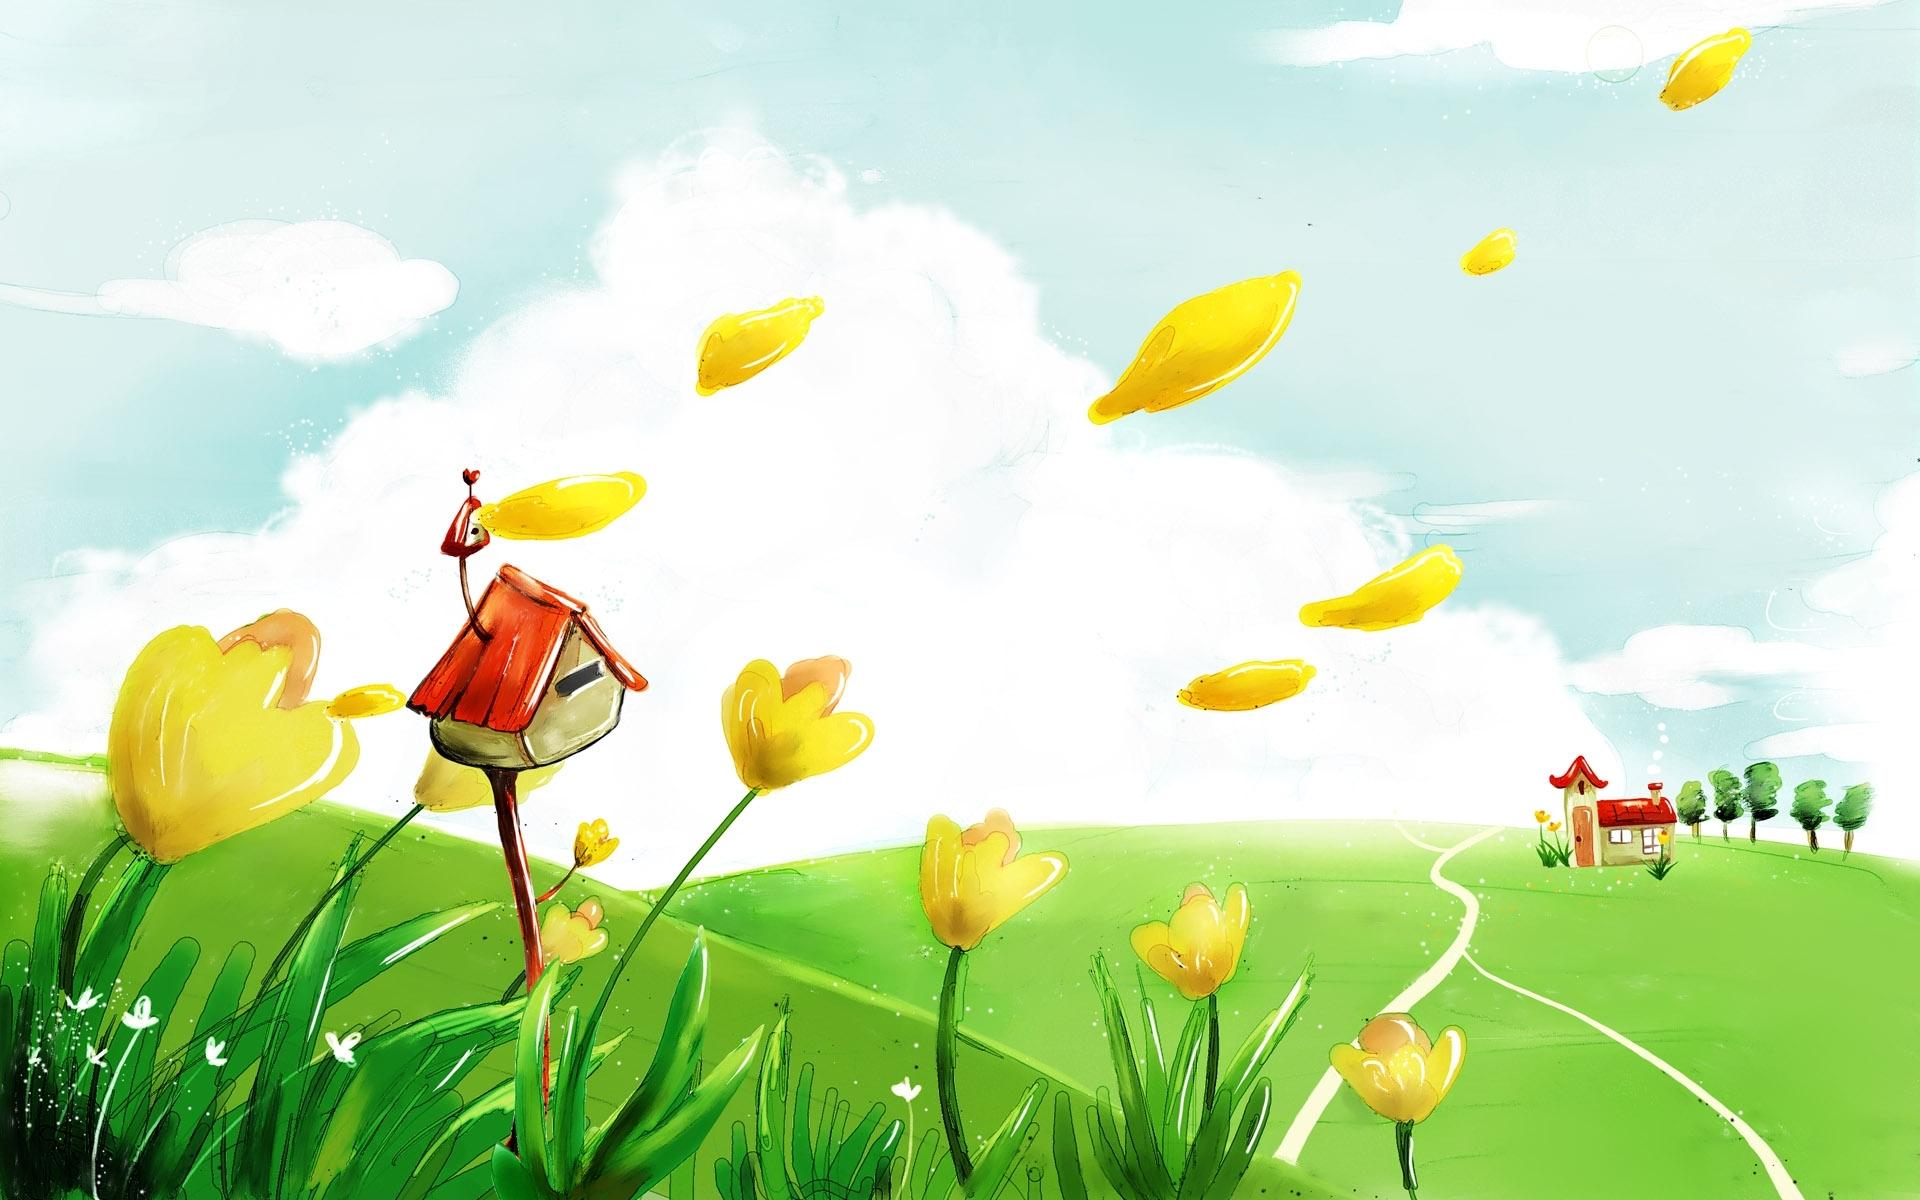 Скачать картинку Цветы, Природа, Рисунки, Растения, Пейзаж в телефон бесплатно.